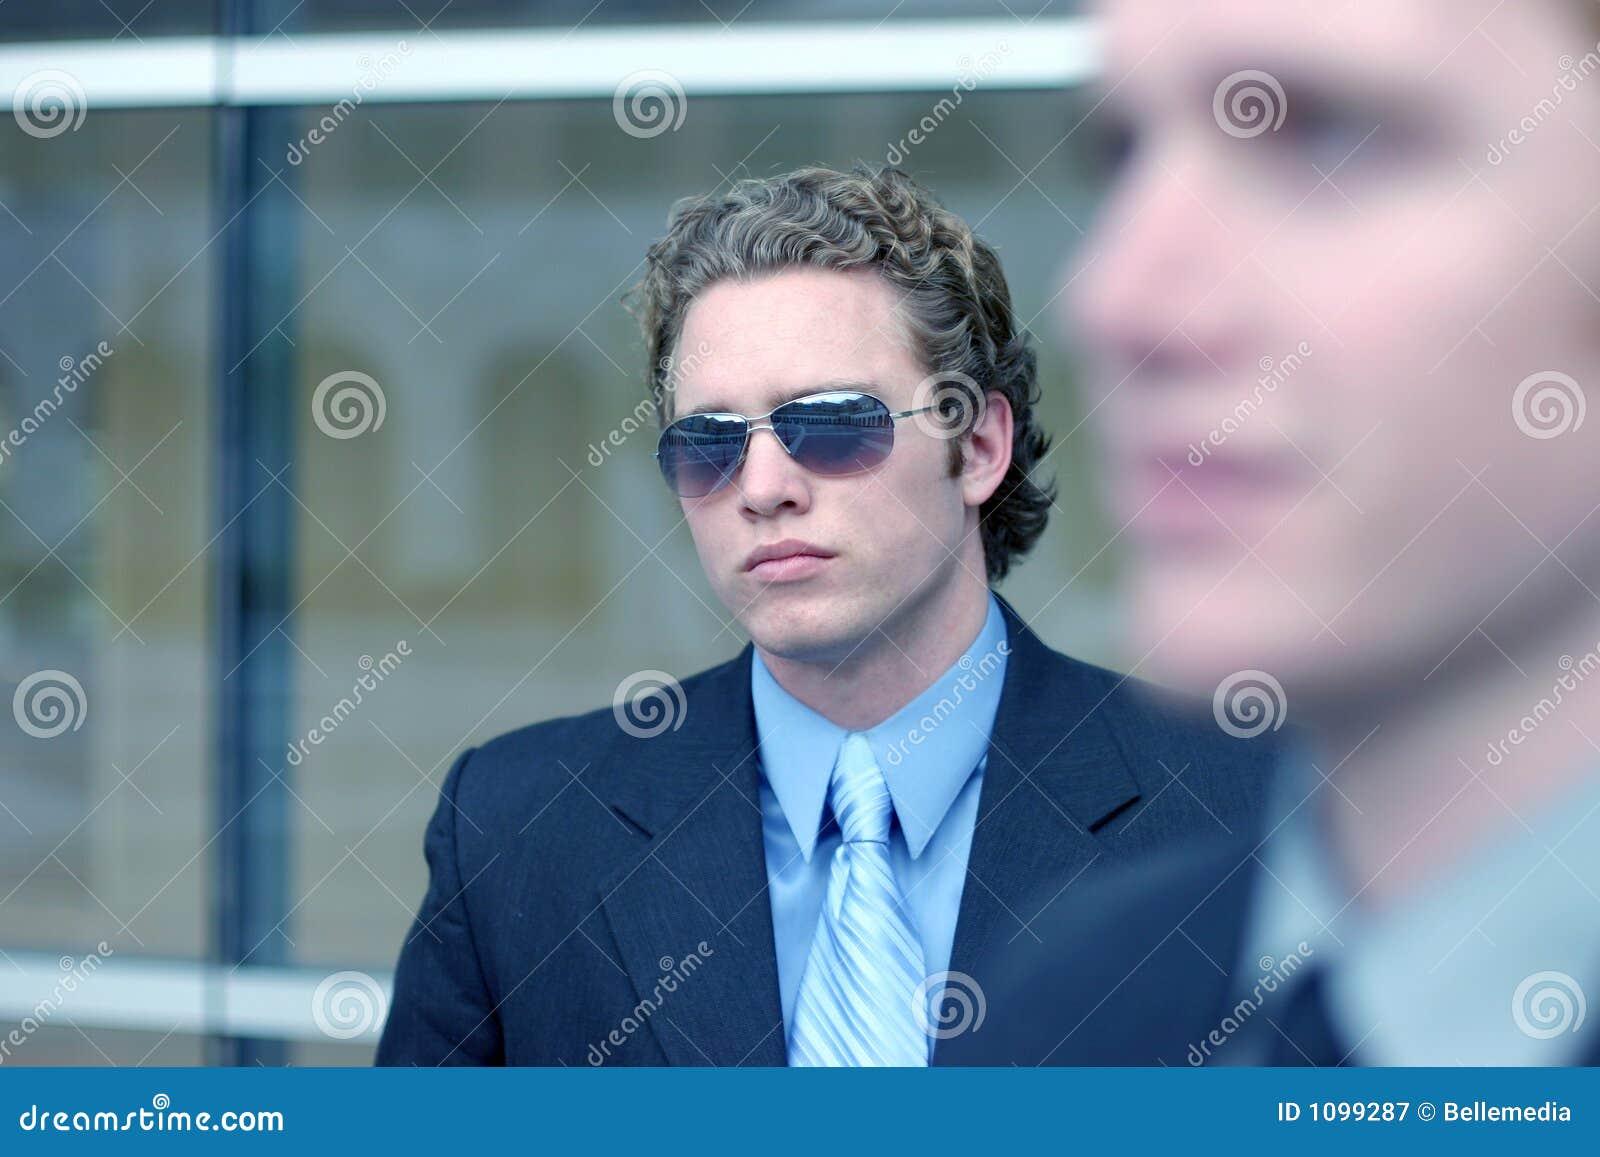 9 człowiekiem biznesu okulary przeciwsłoneczne